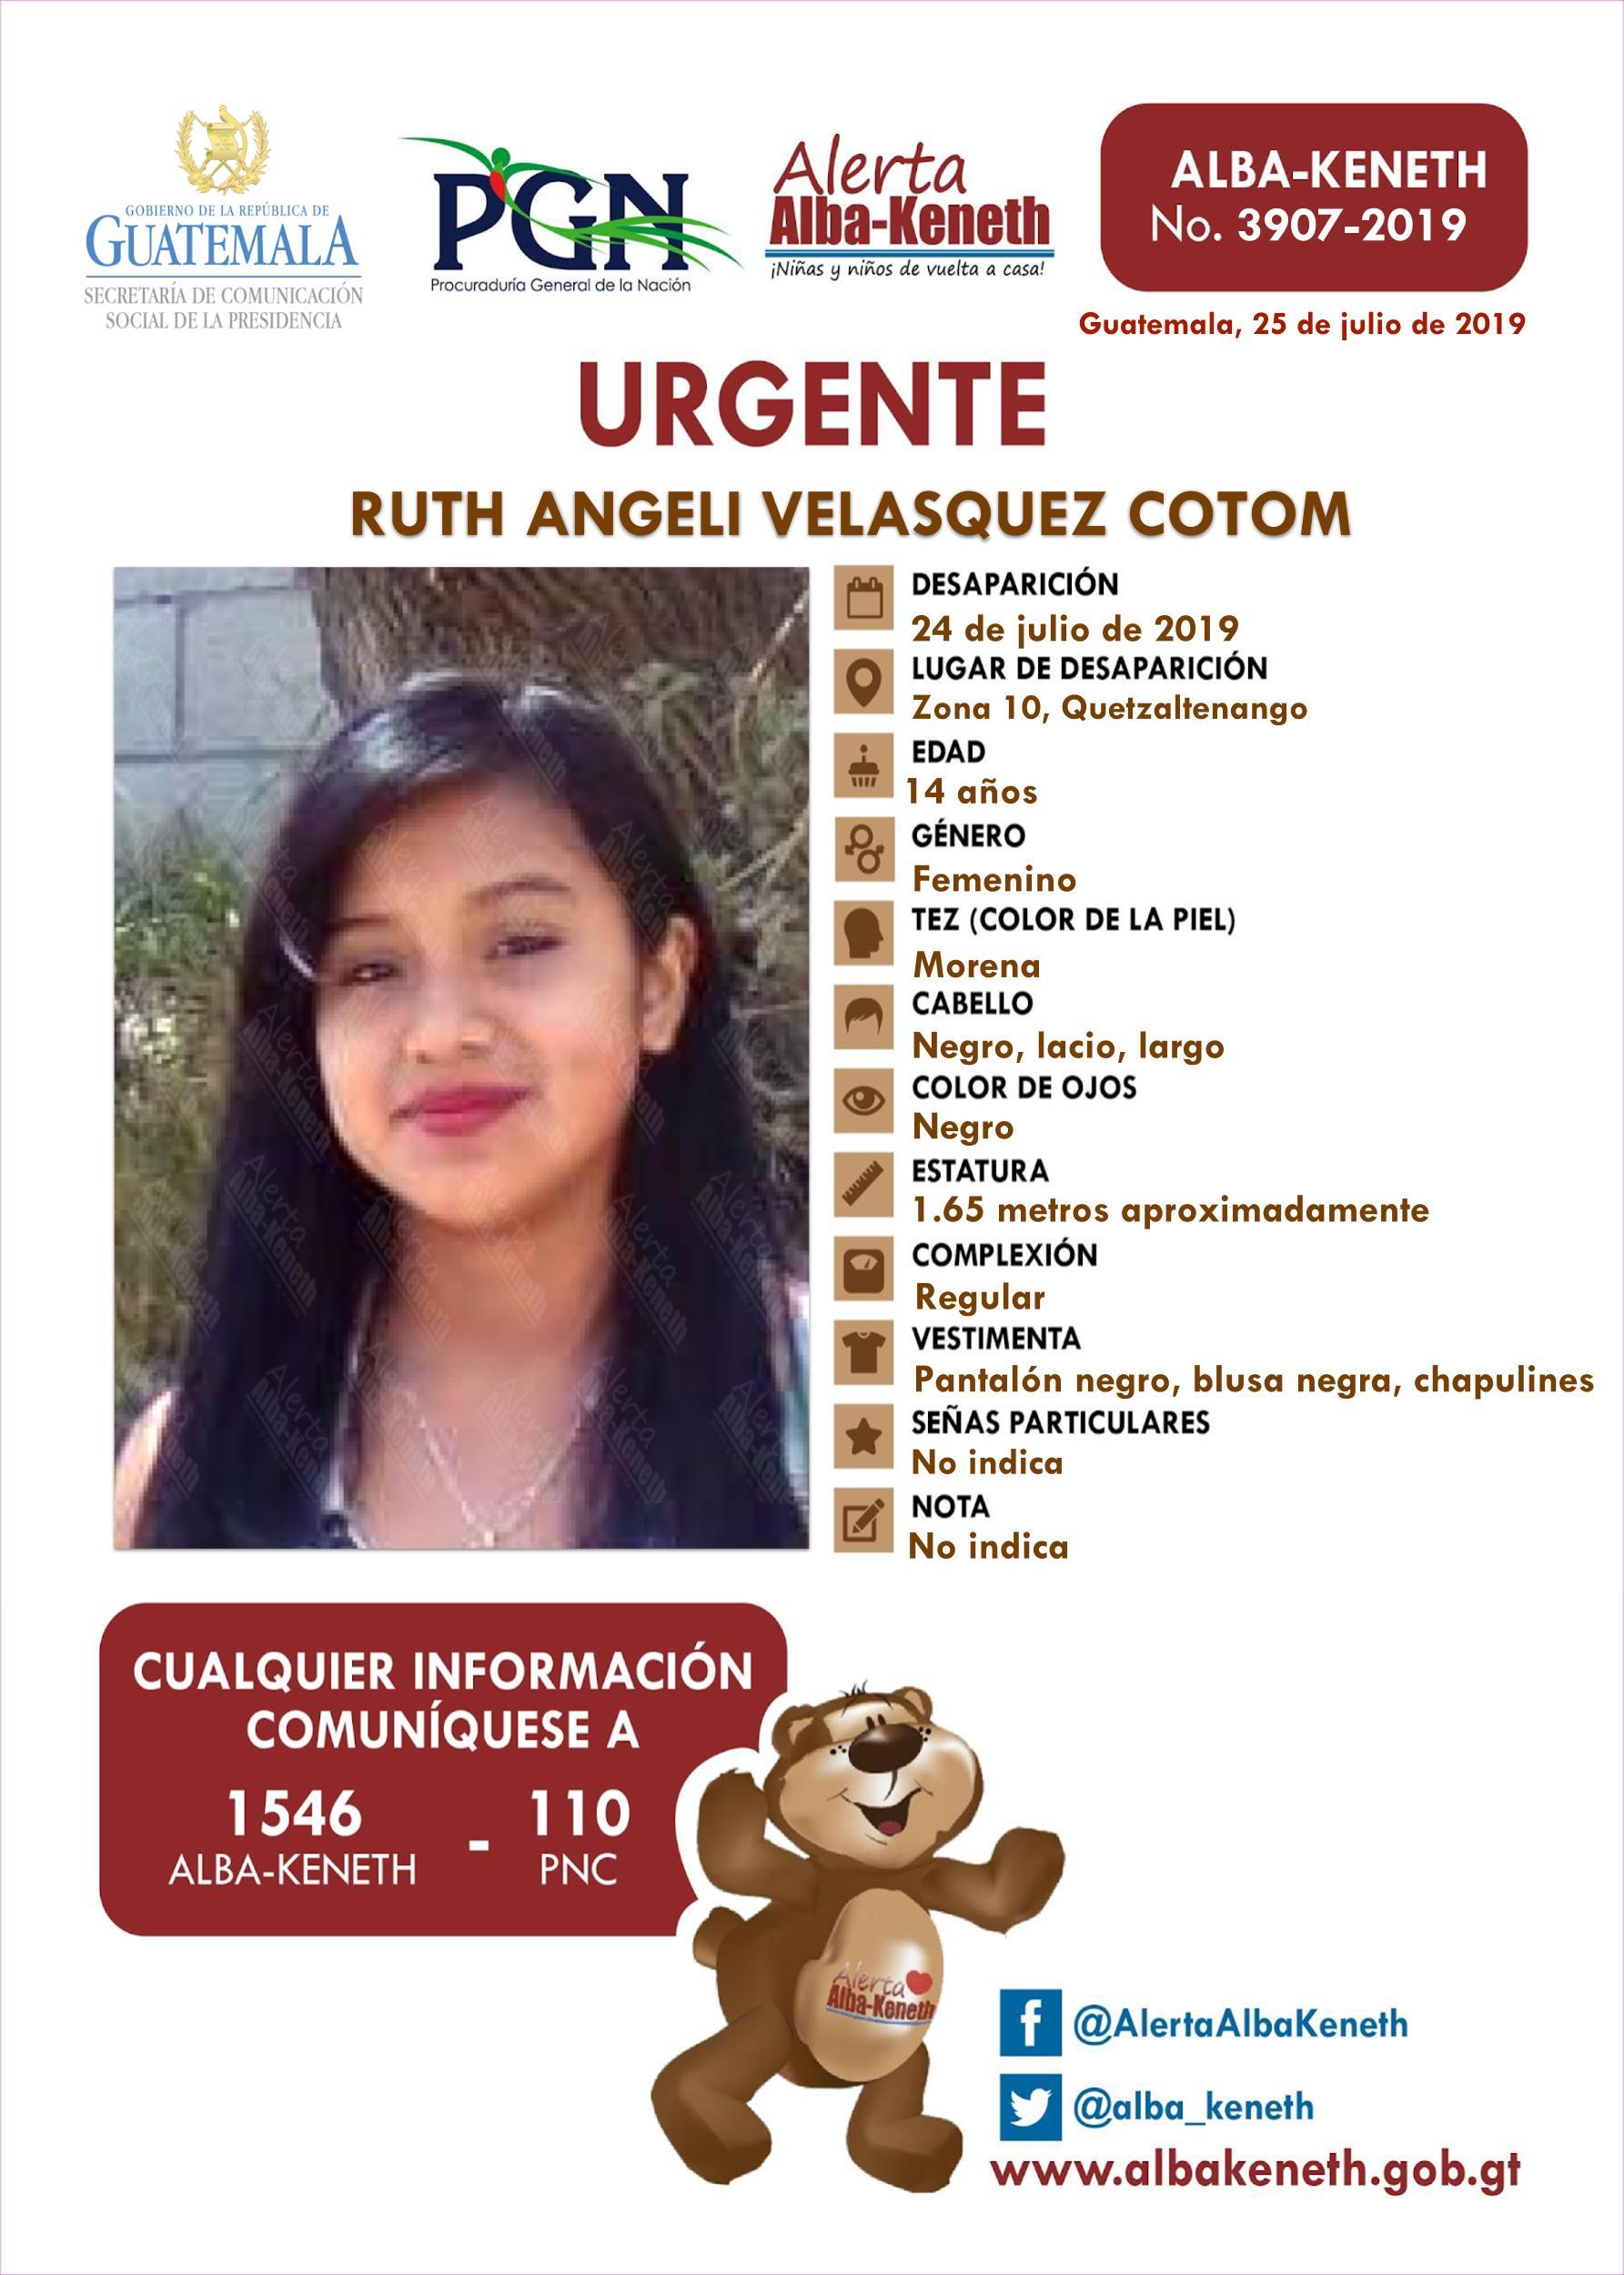 Ruth Angeli Velasquez Cotom